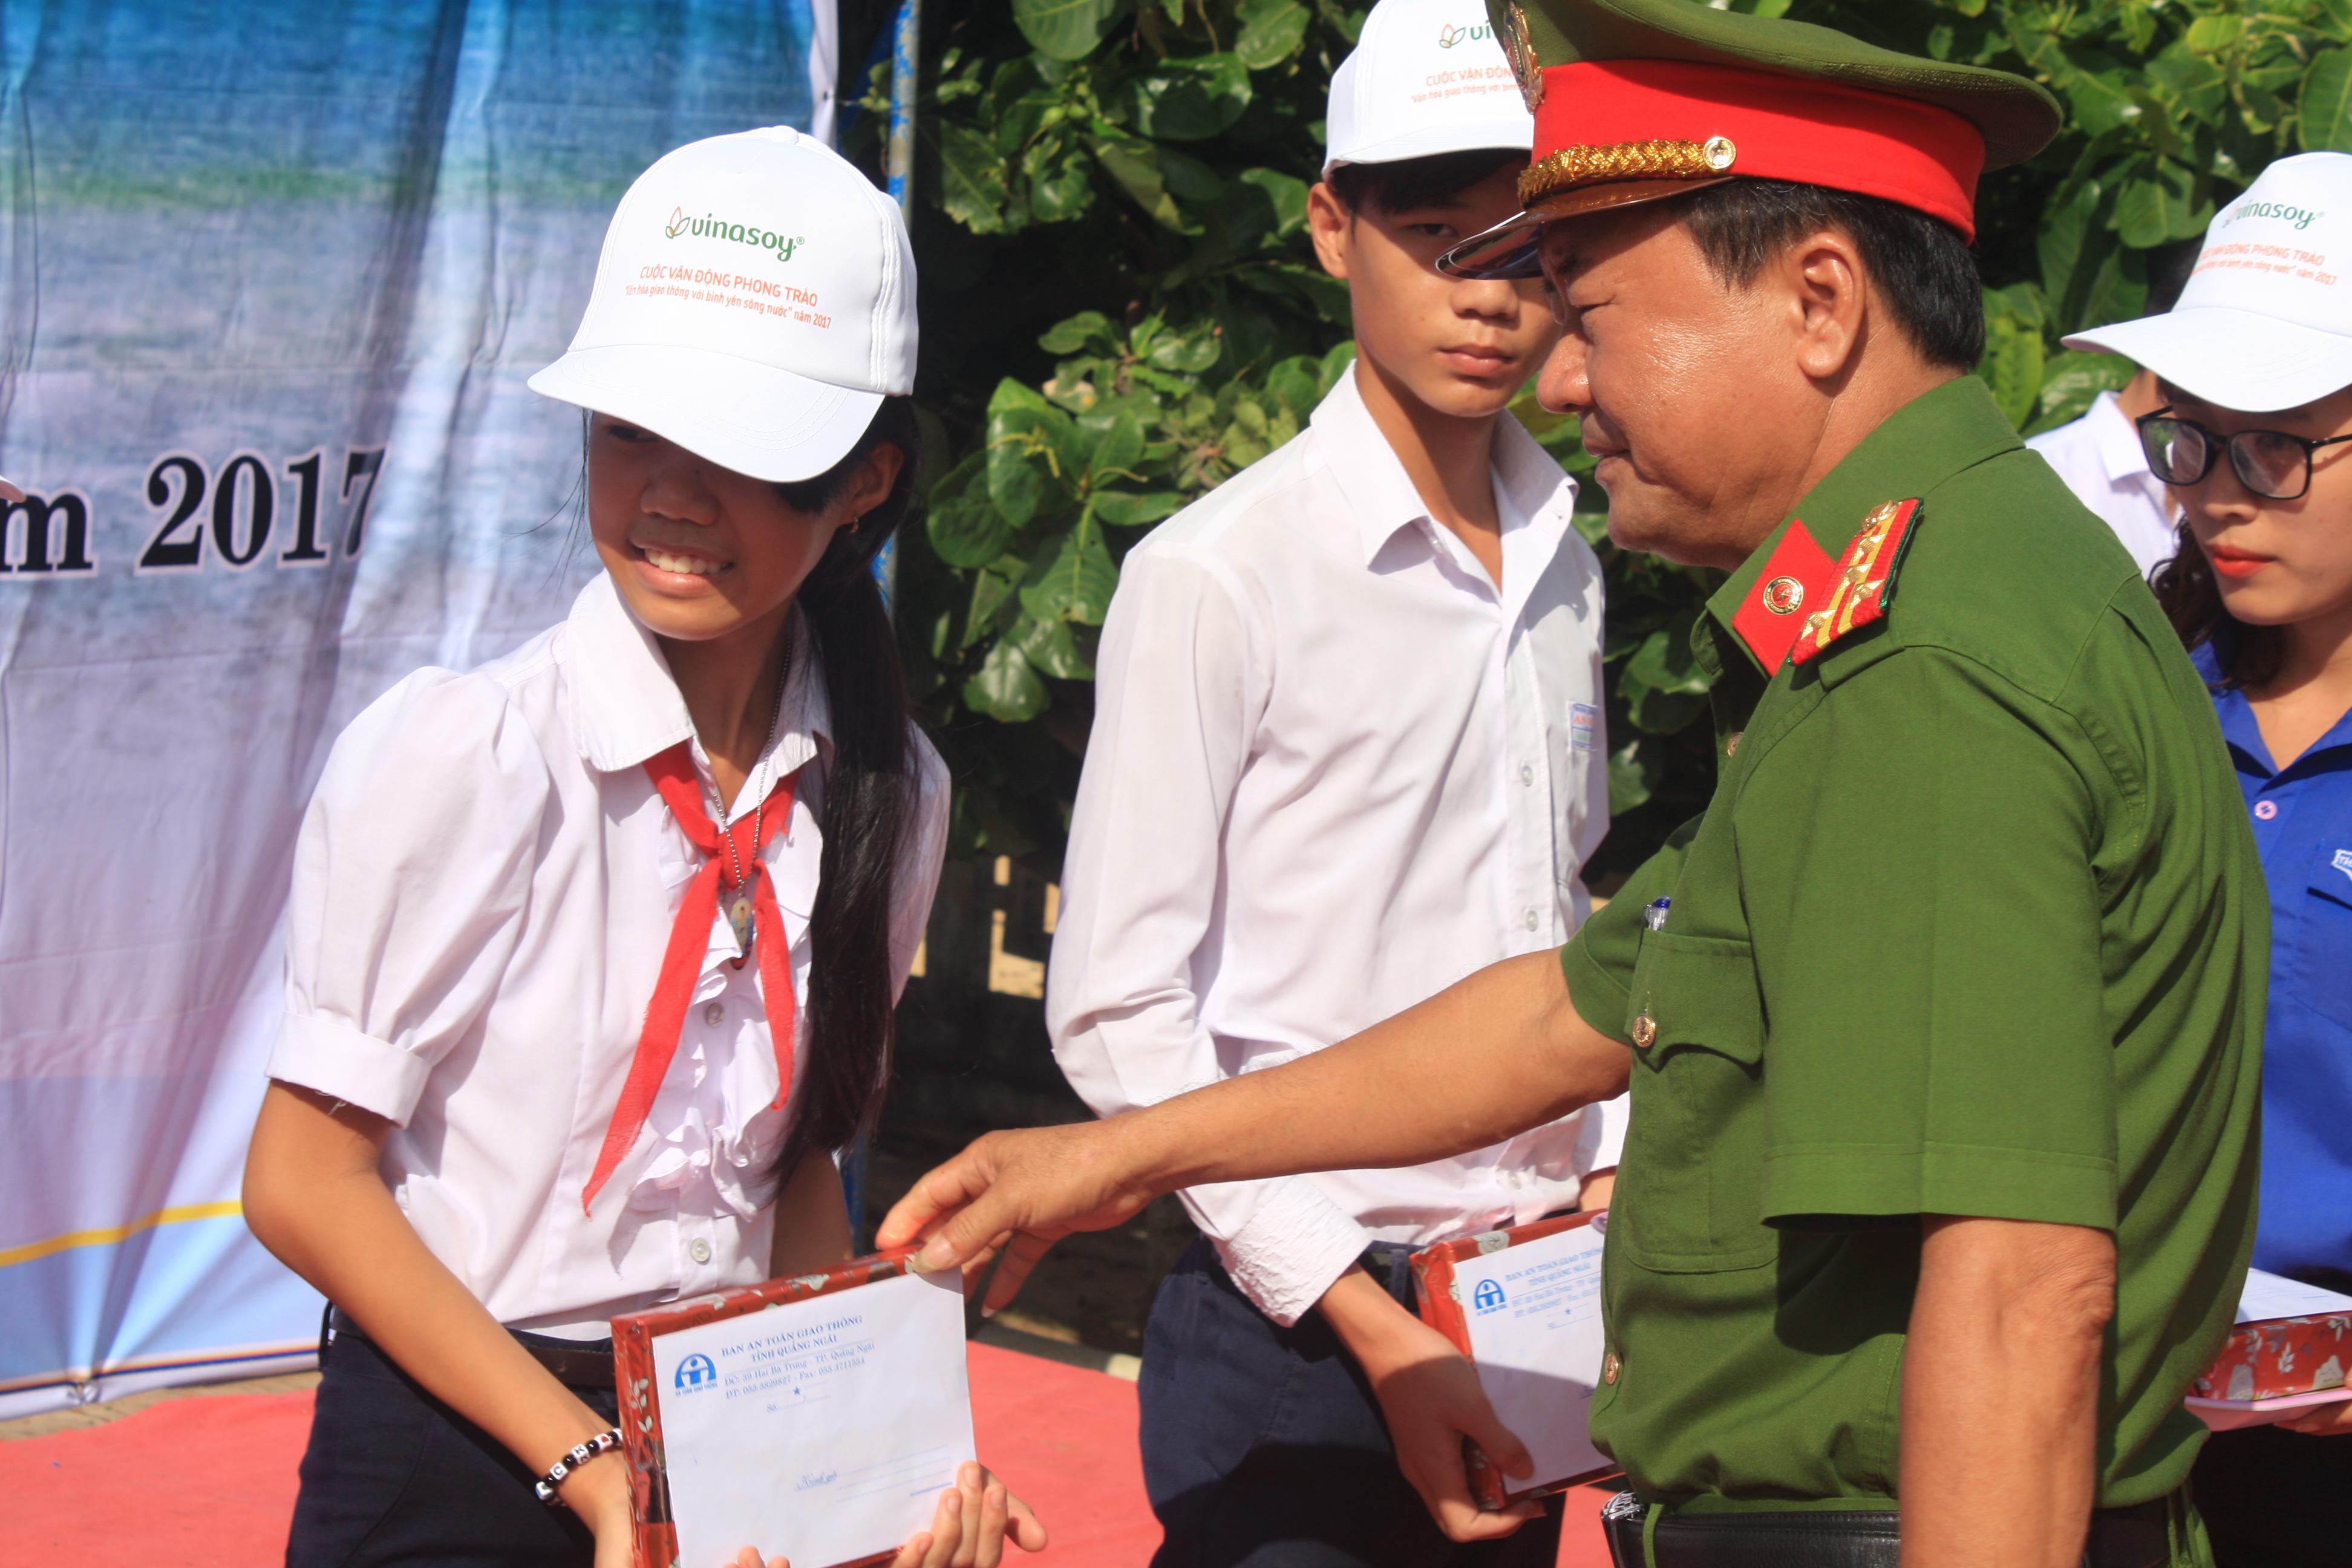 Đại tá Đặng Văn Nam, Phó Giám đốc công an tỉnh Quảng Ngãi kiêm Phó ban ATGT tỉnh trao quà cho học sinh.